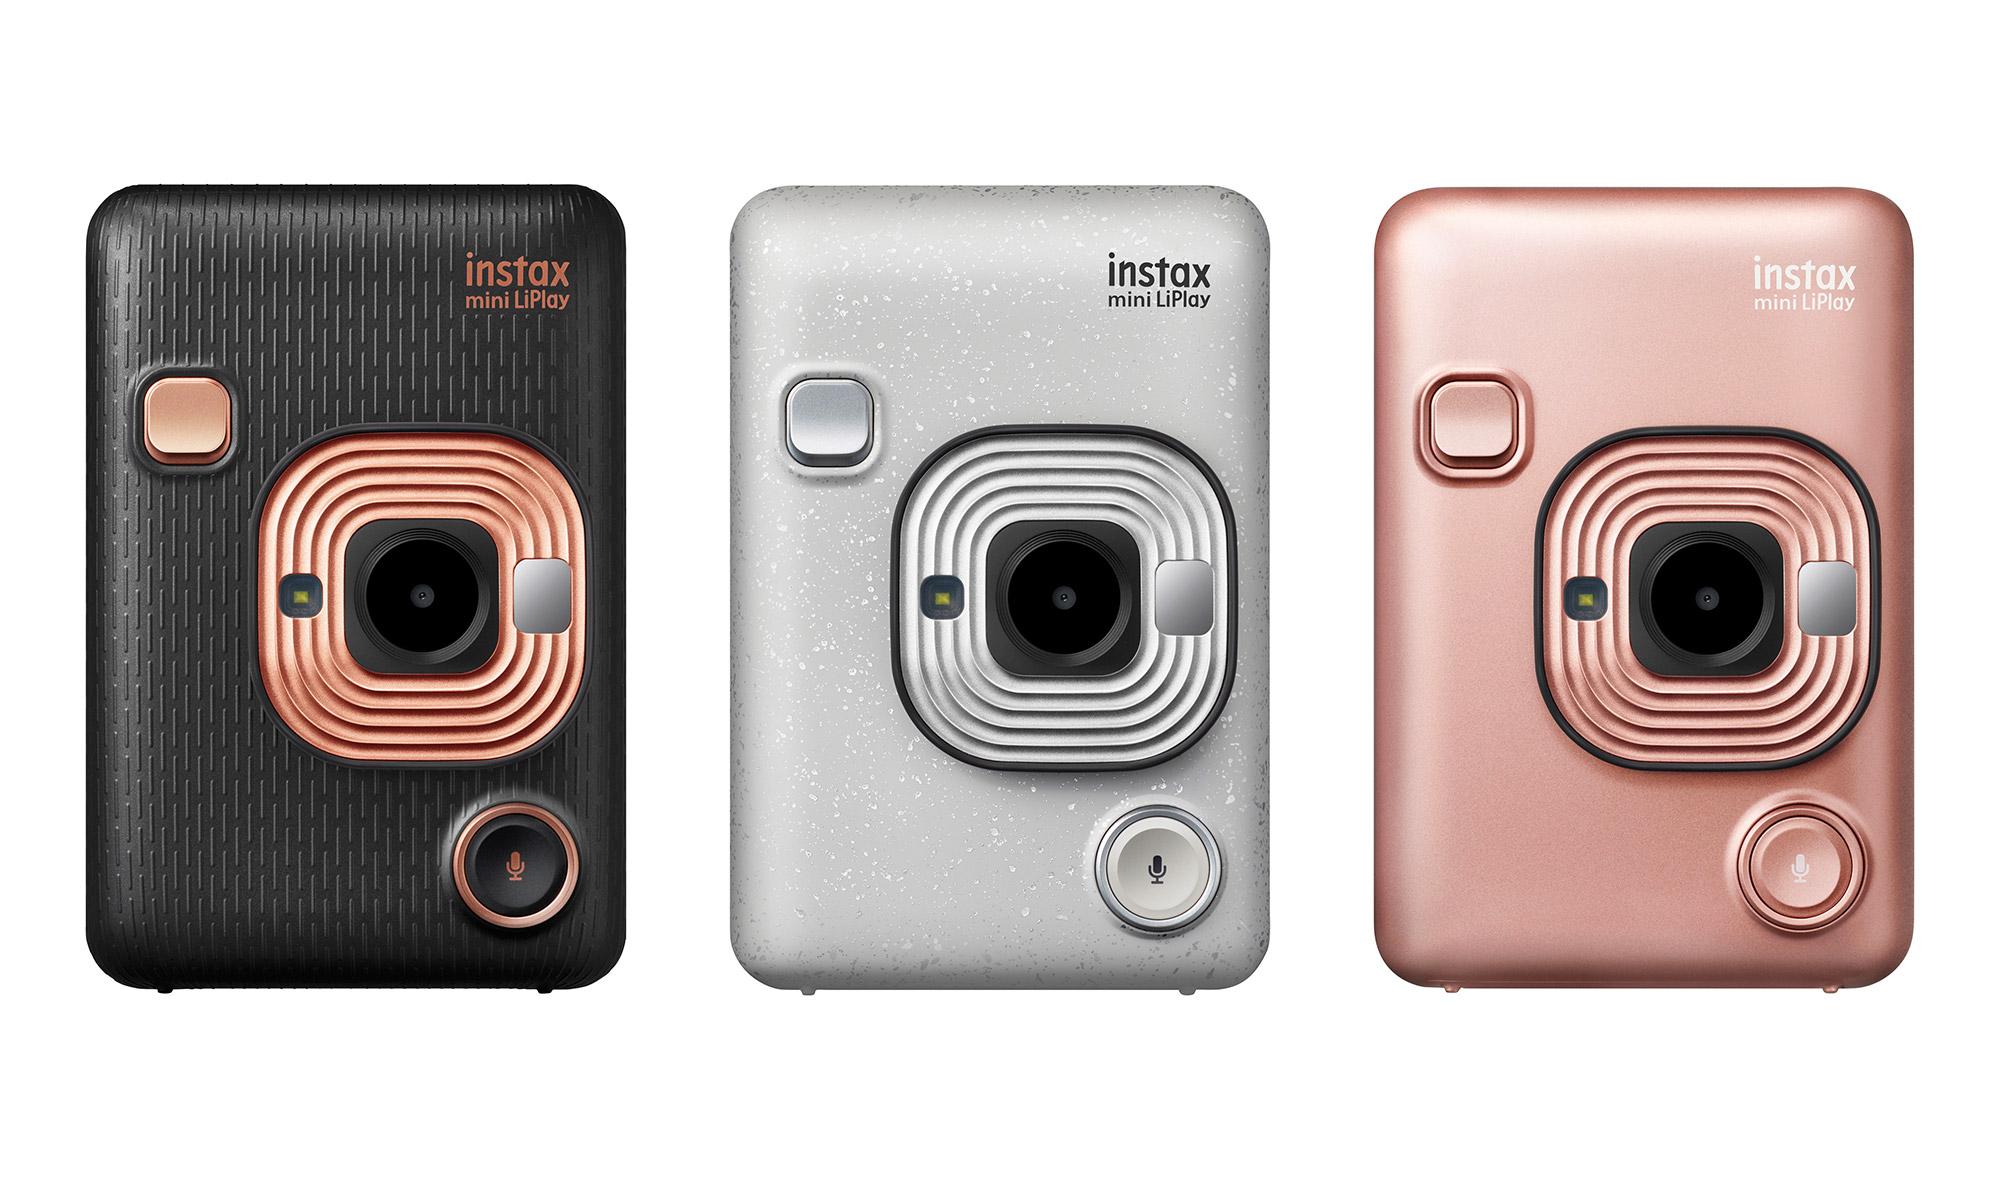 Kupci bodo lahko izbirali med tremi barvnimi različicami kamere Fujifilm Instax Mini LiPlay.